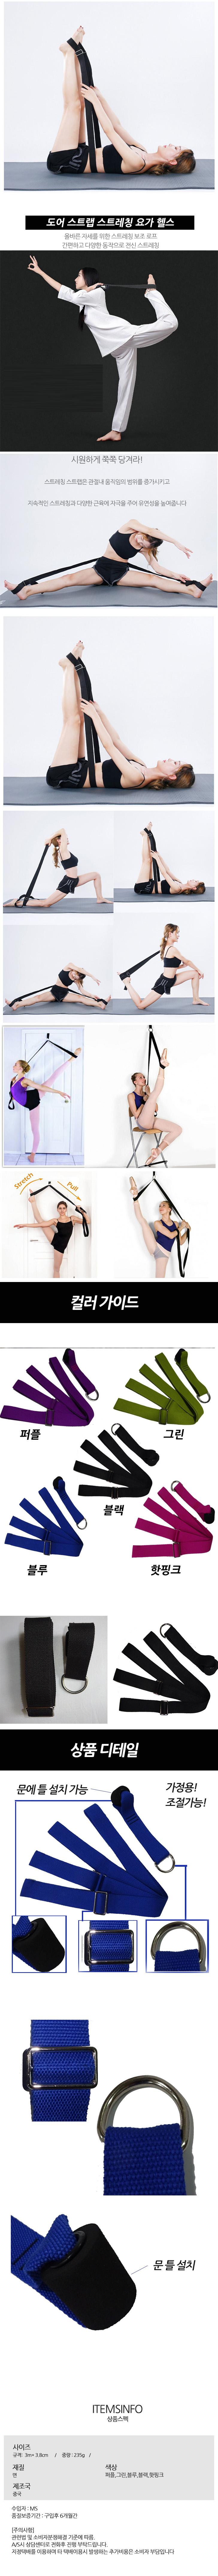 도어 스트랩 스트레칭 요가 헬스 - 썸몰, 16,900원, 운동기구/소품, 운동소품